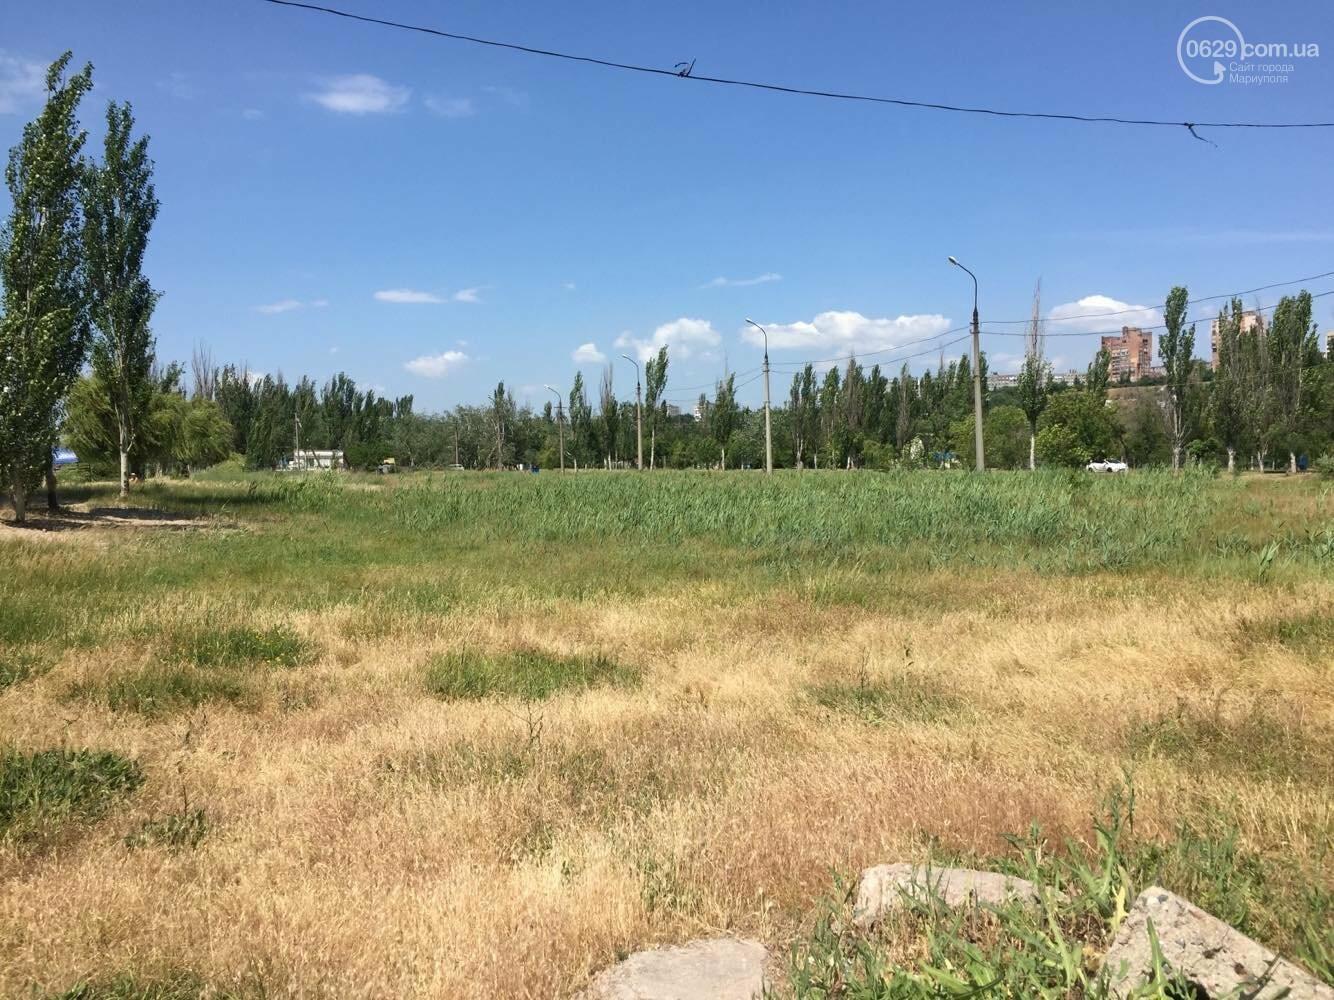 Реконструировать левобережную зону отдыха в  Мариуполе отдали известному поставщику саженцев, - ФОТО , фото-3